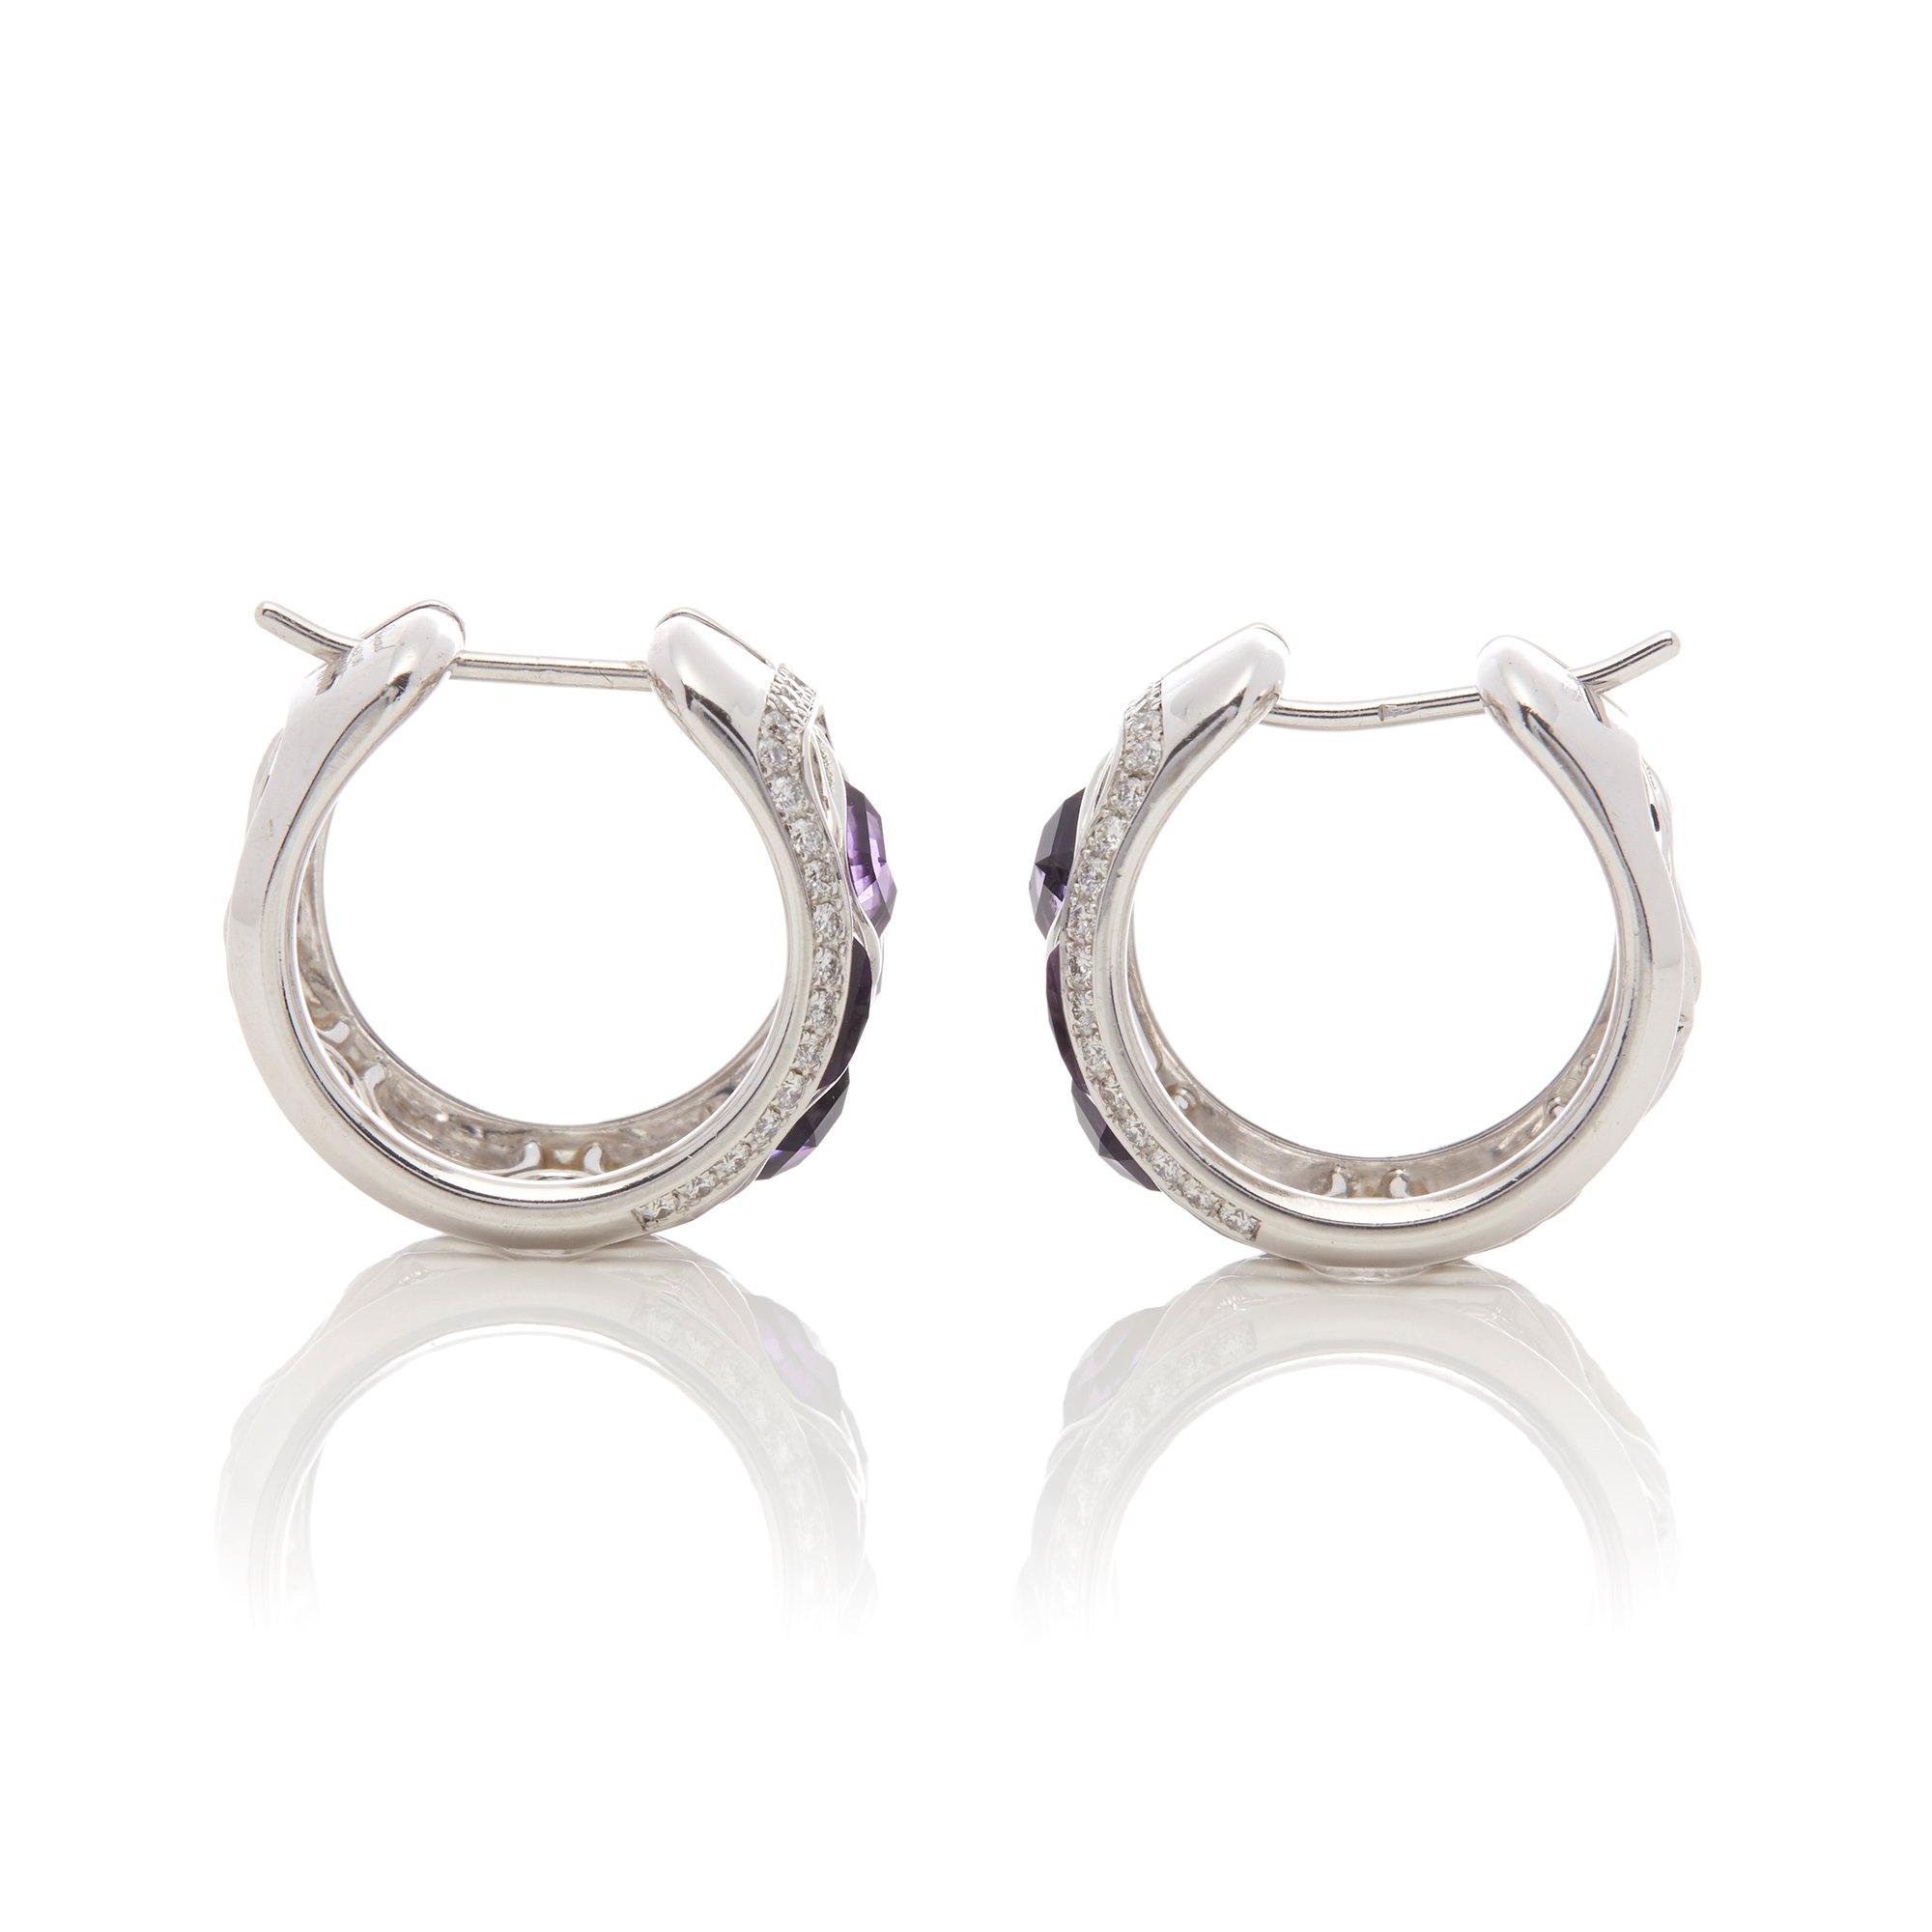 Chopard 18k White Gold Amethyst & Diamond Imperiale Earrings